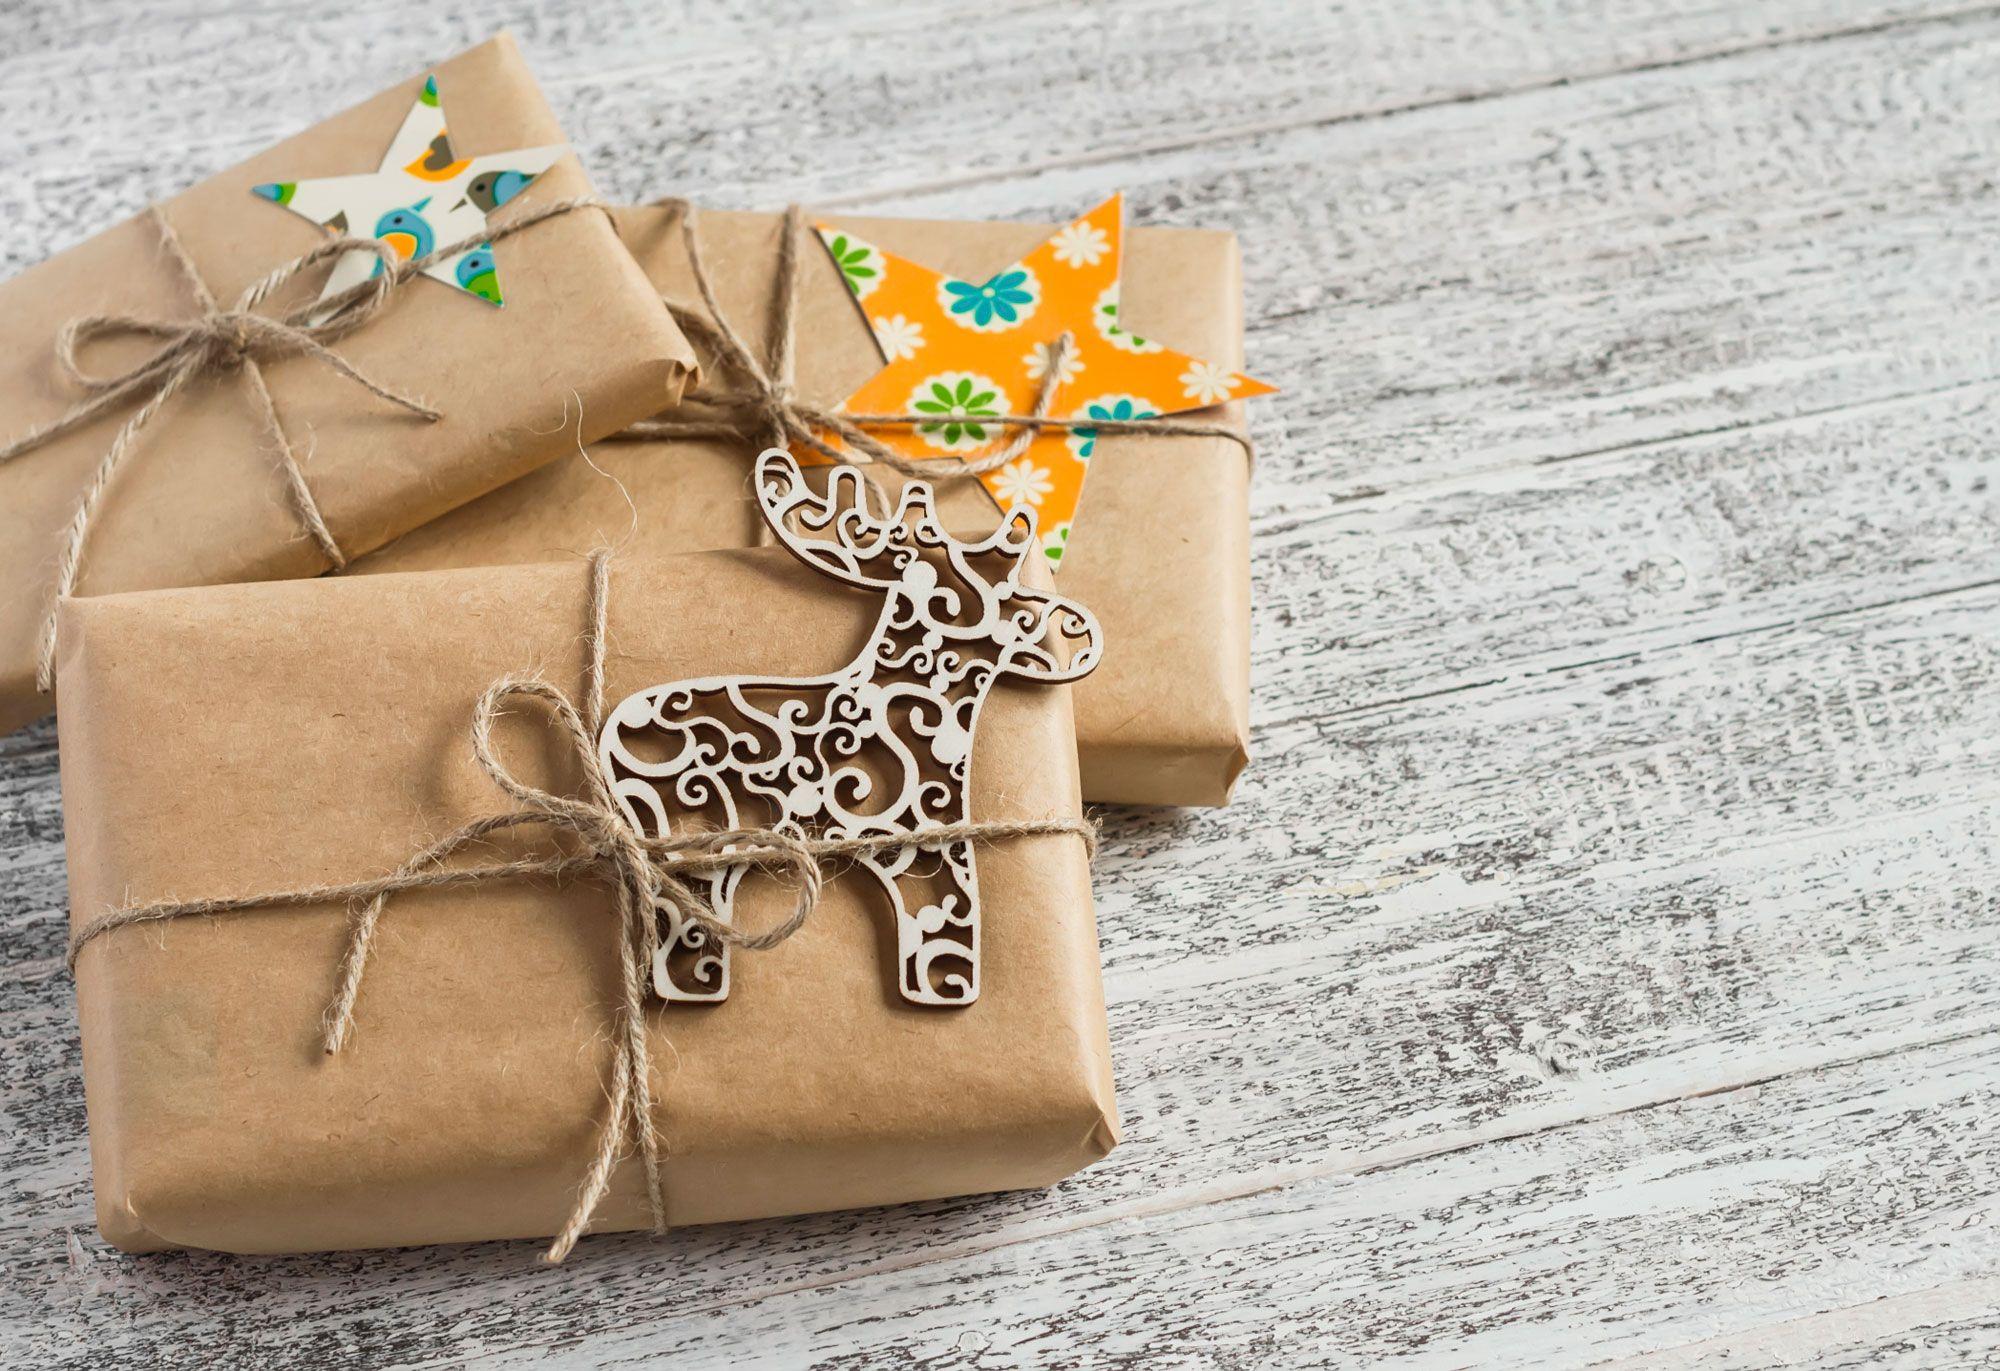 Emballage d'origine pour cadeaux de Noël